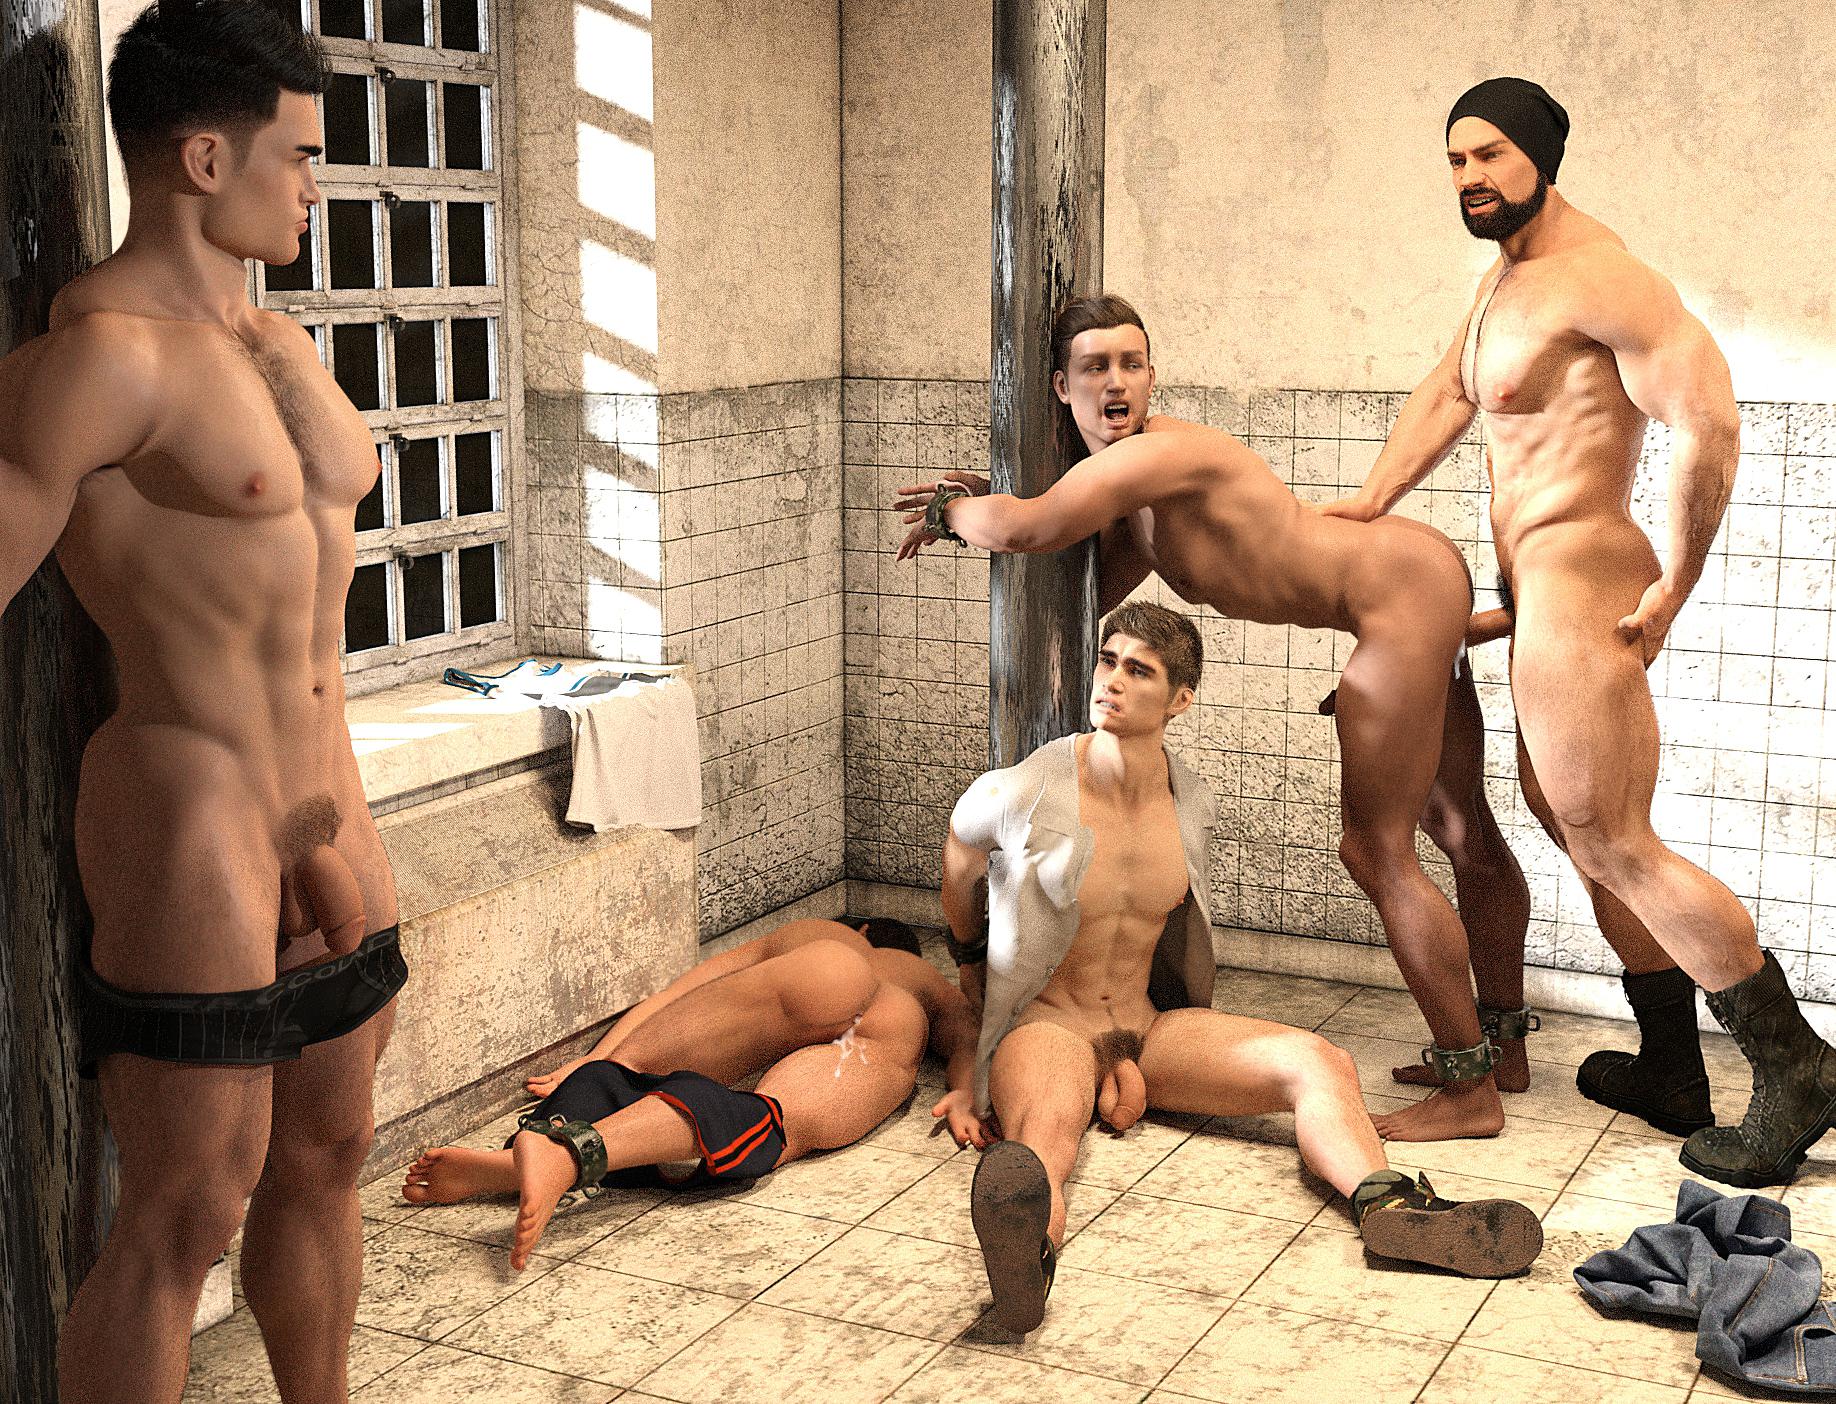 Бесплатное Порно Видео Геев Рабов